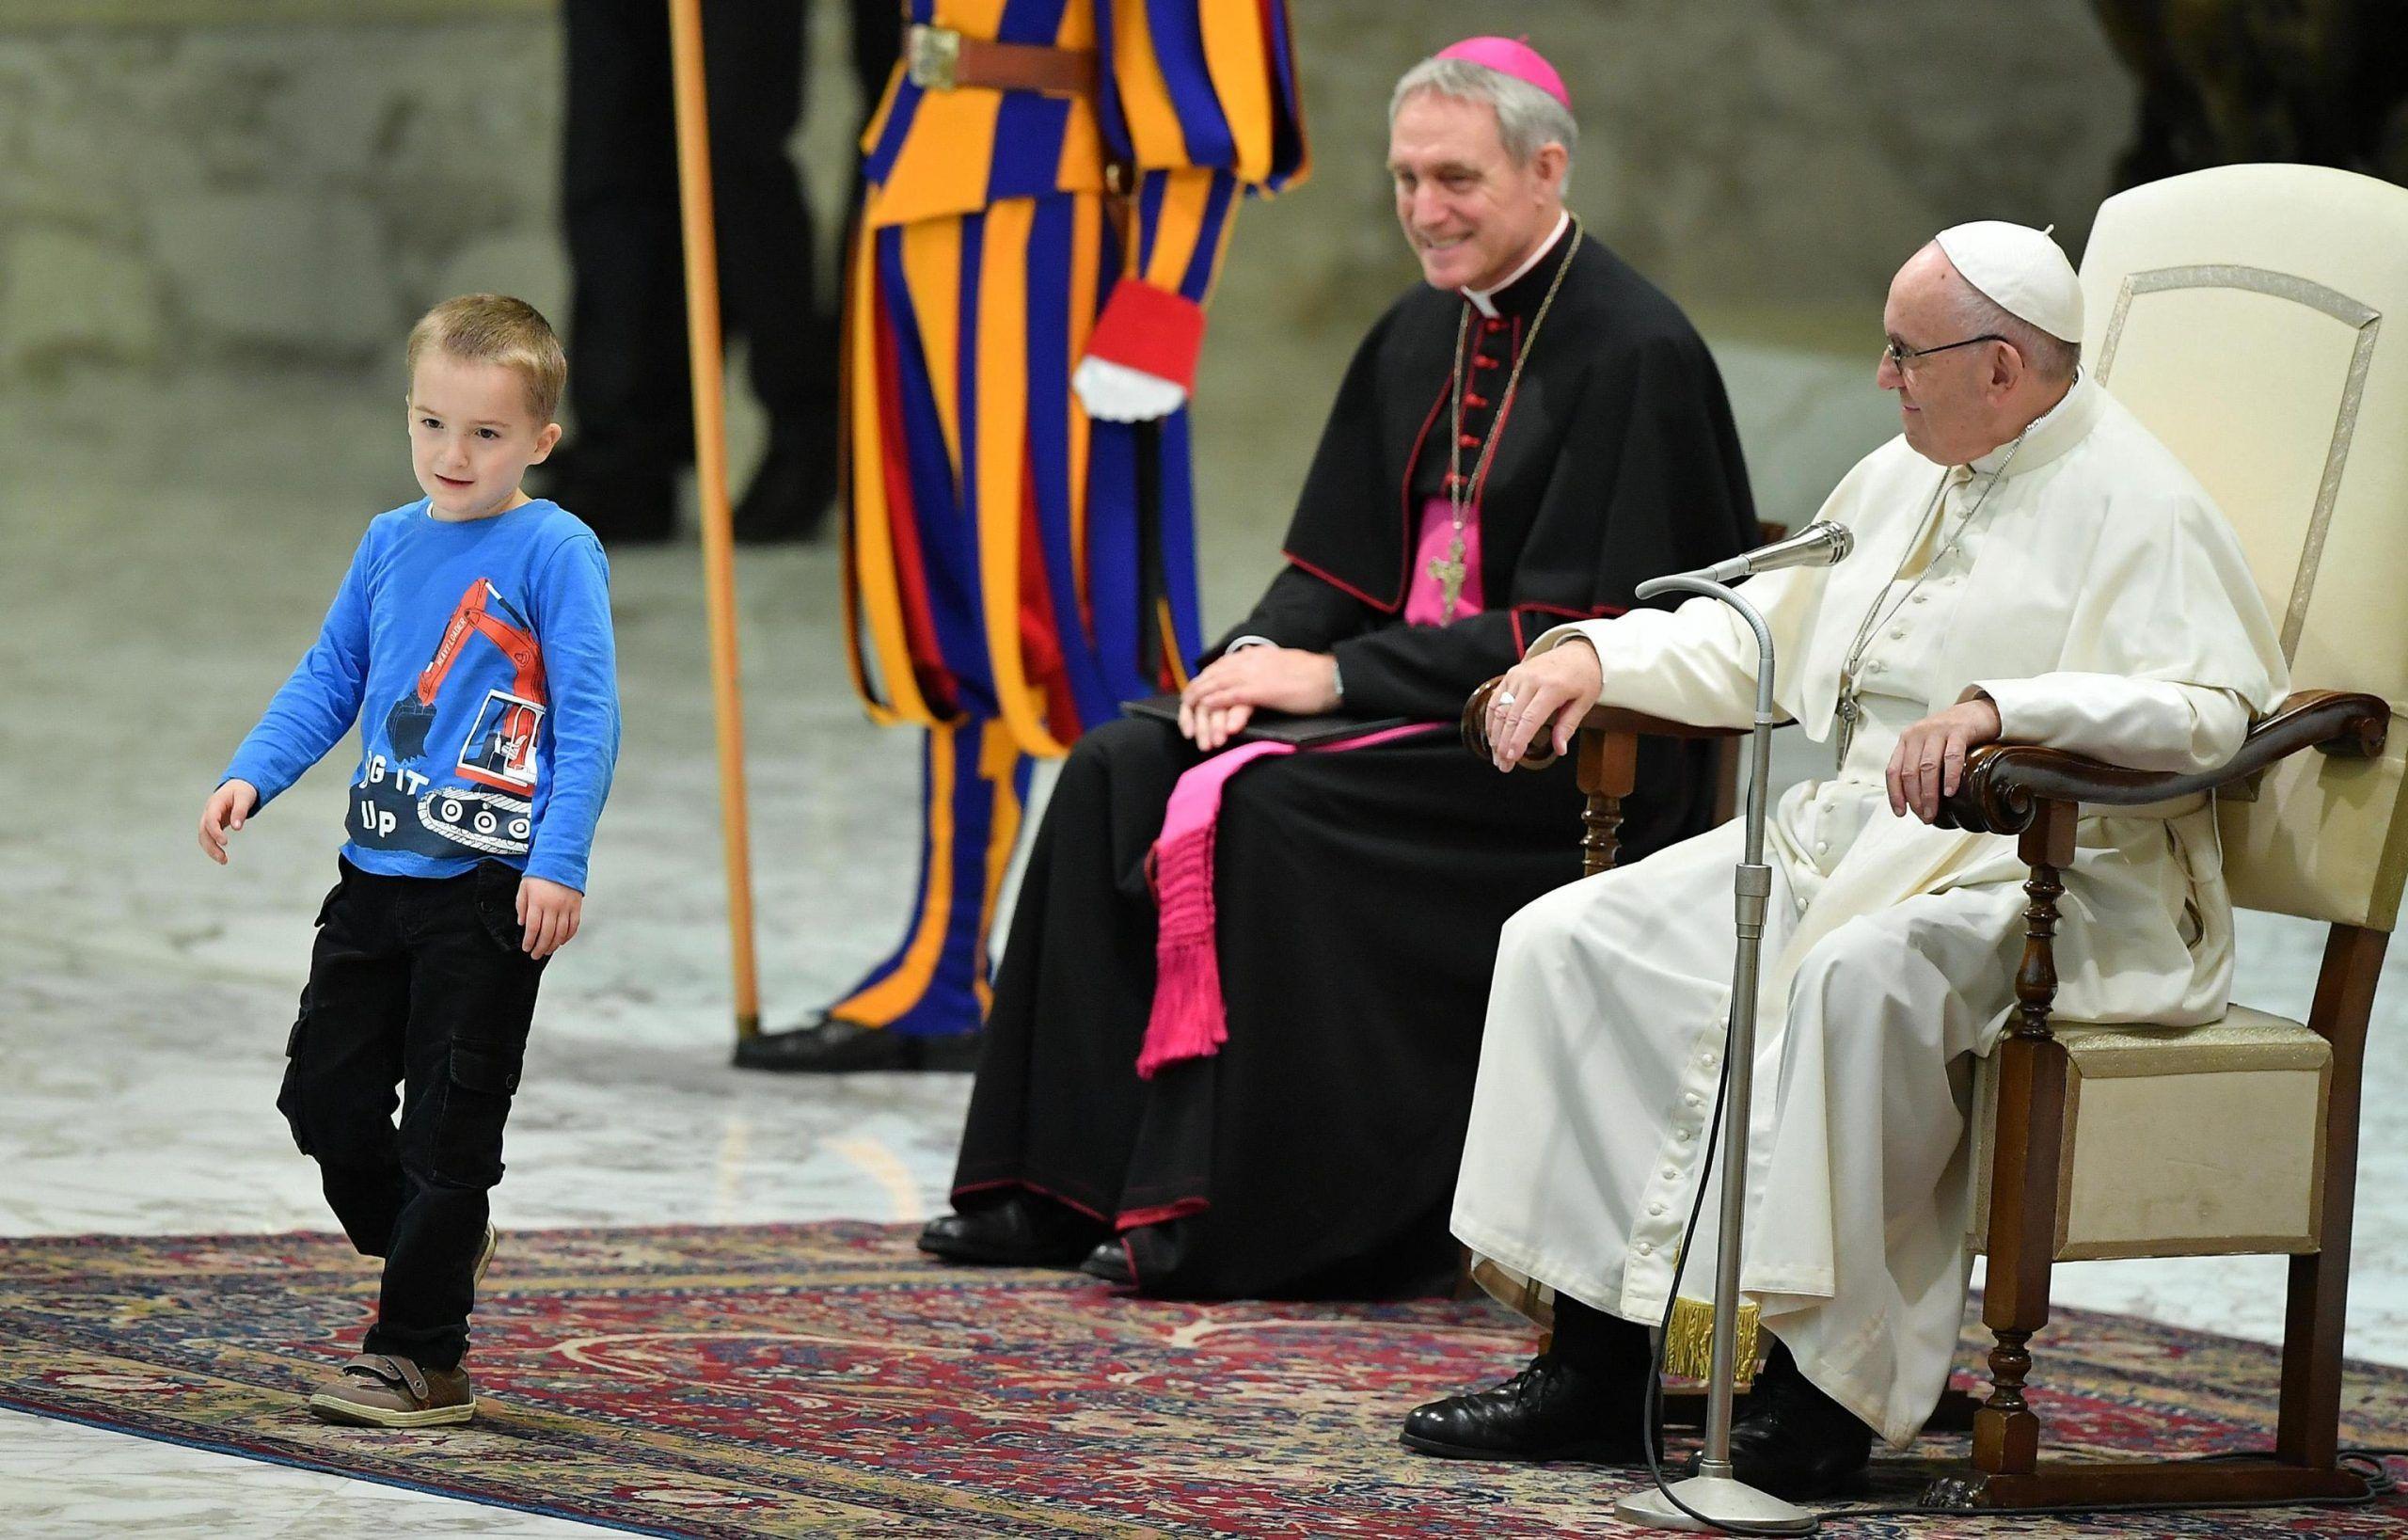 Bimbo corre sul palco, il Papa: 'E' argentino, è indisciplinato'. Poi svela 'E' muto ma comunica'